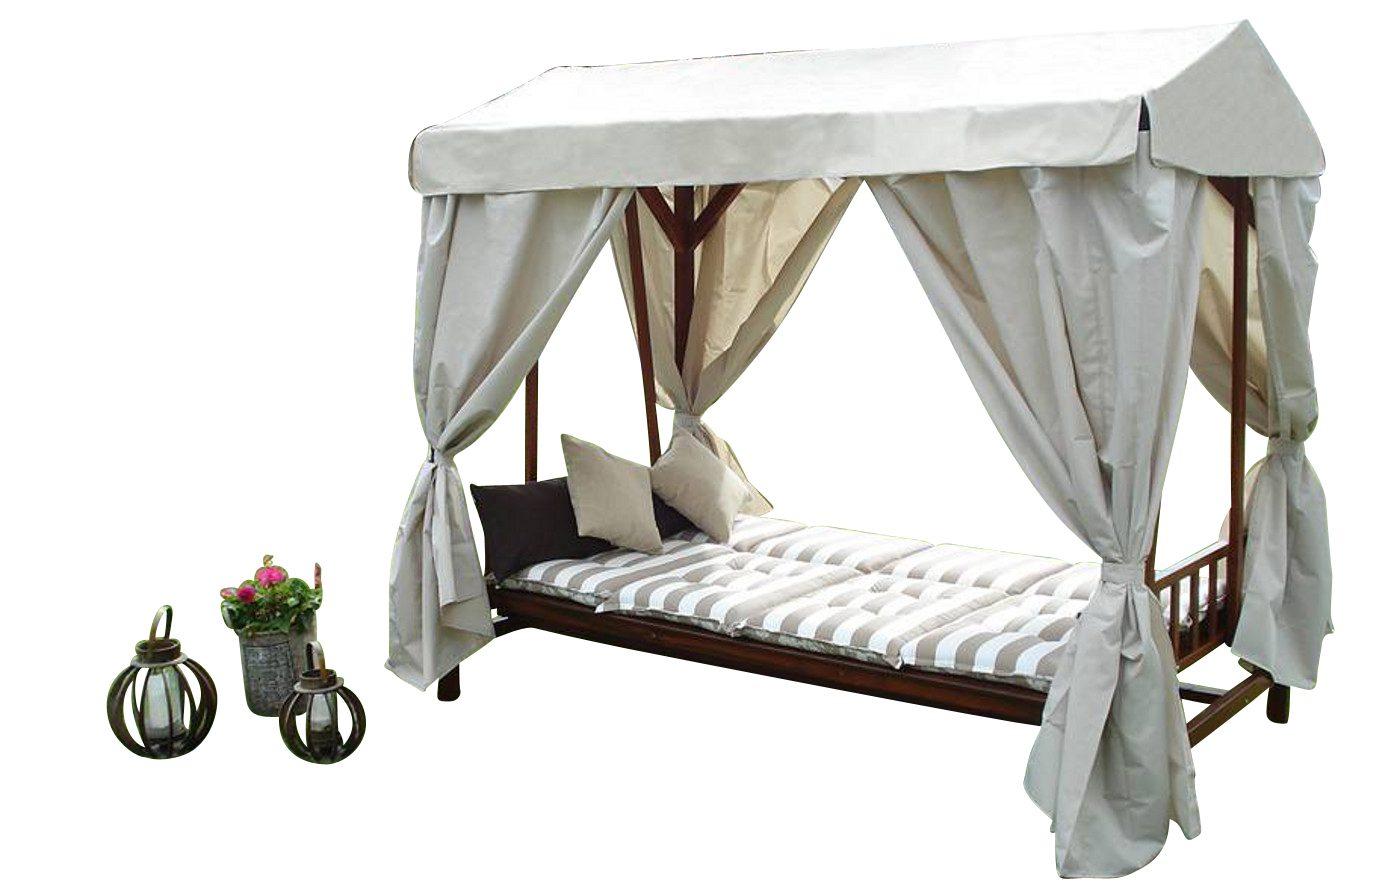 Hishult Heaven hammock i javabrunt från Brafab.